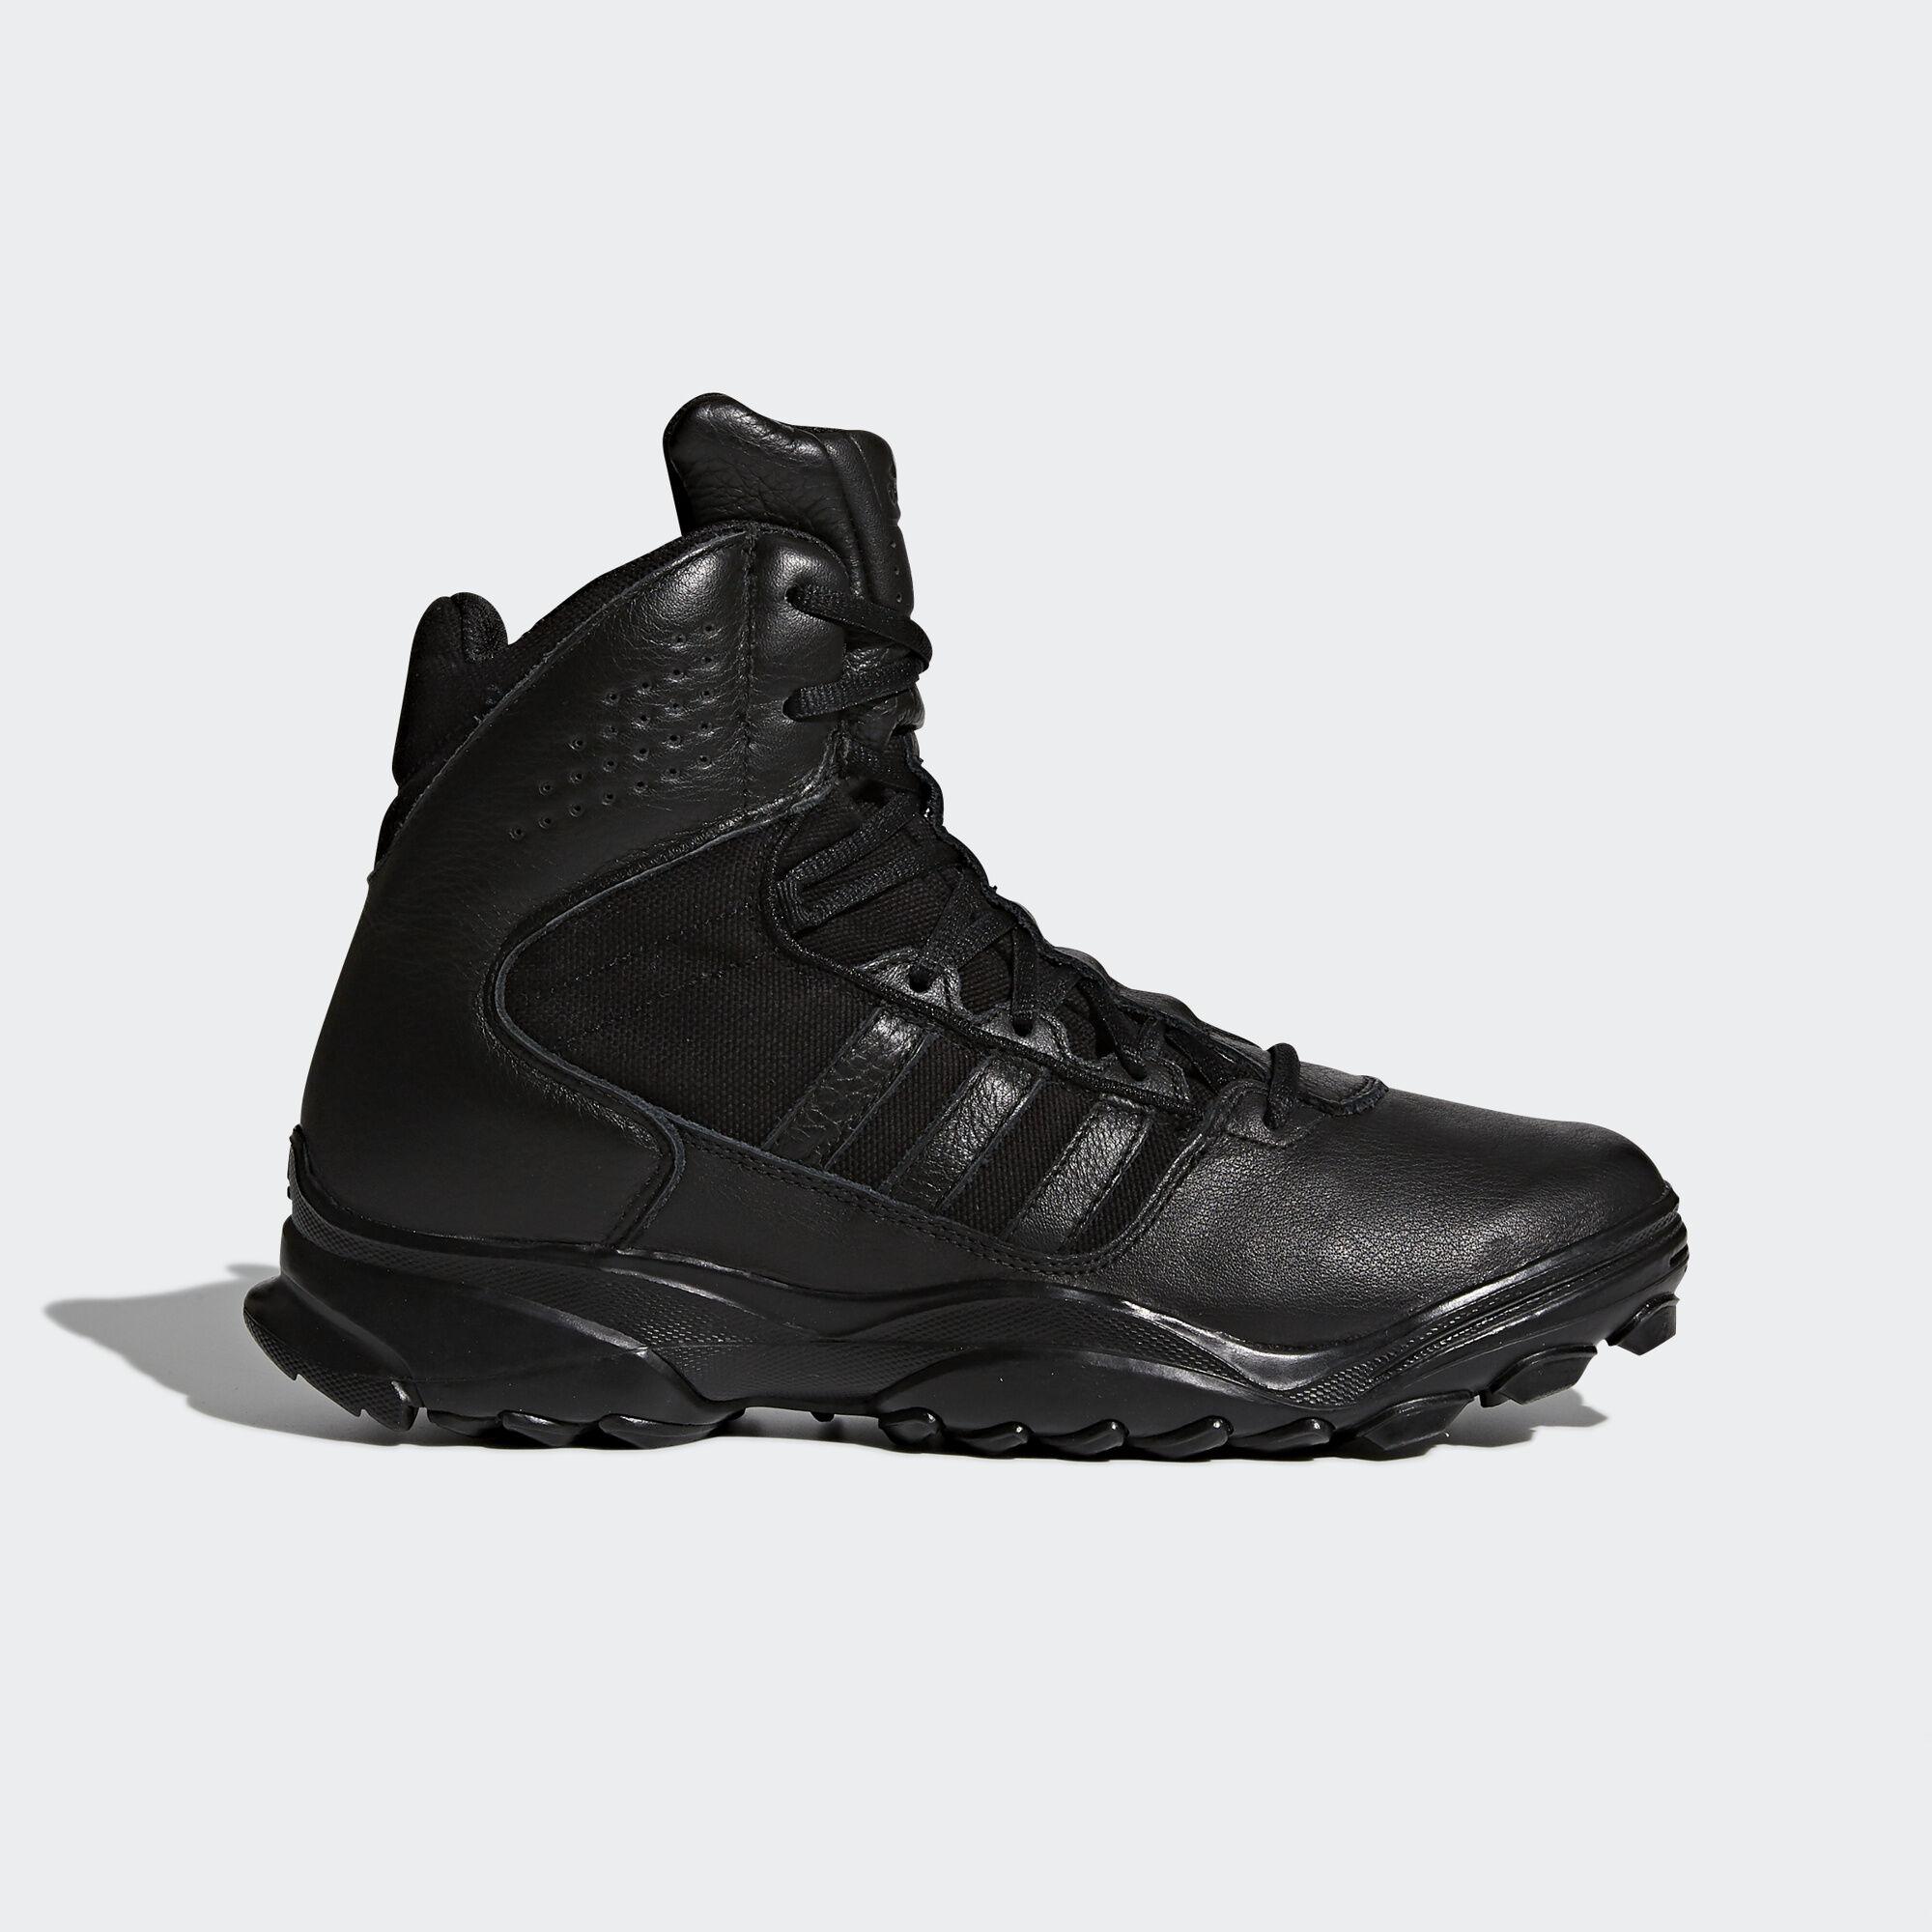 Adidas Shoes Uk